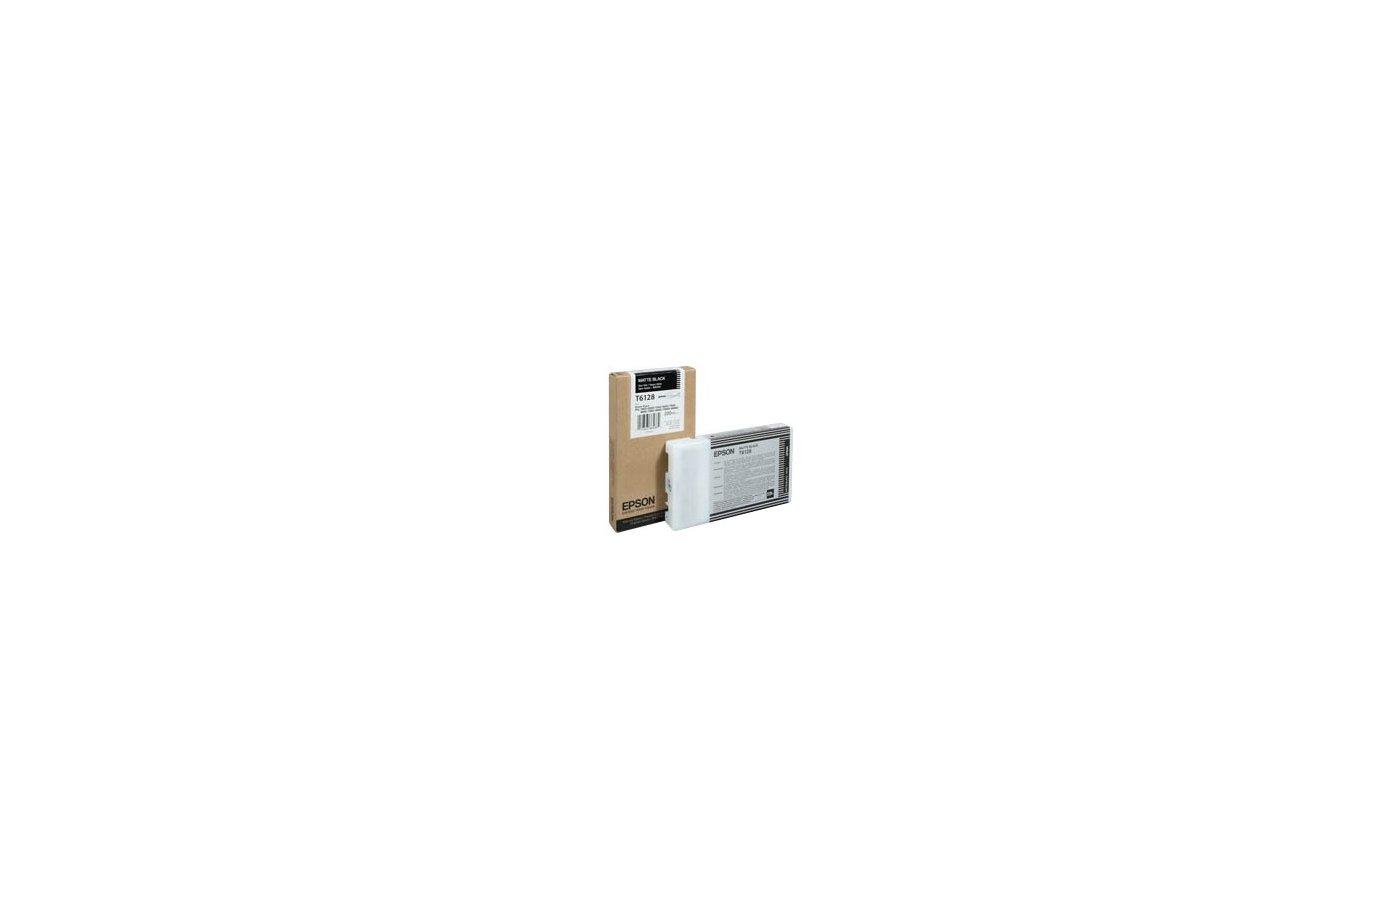 Картридж струйный Epson C13T612800 картридж (Matte Black для Stylus Pro 7450/9450 (матовый черный))